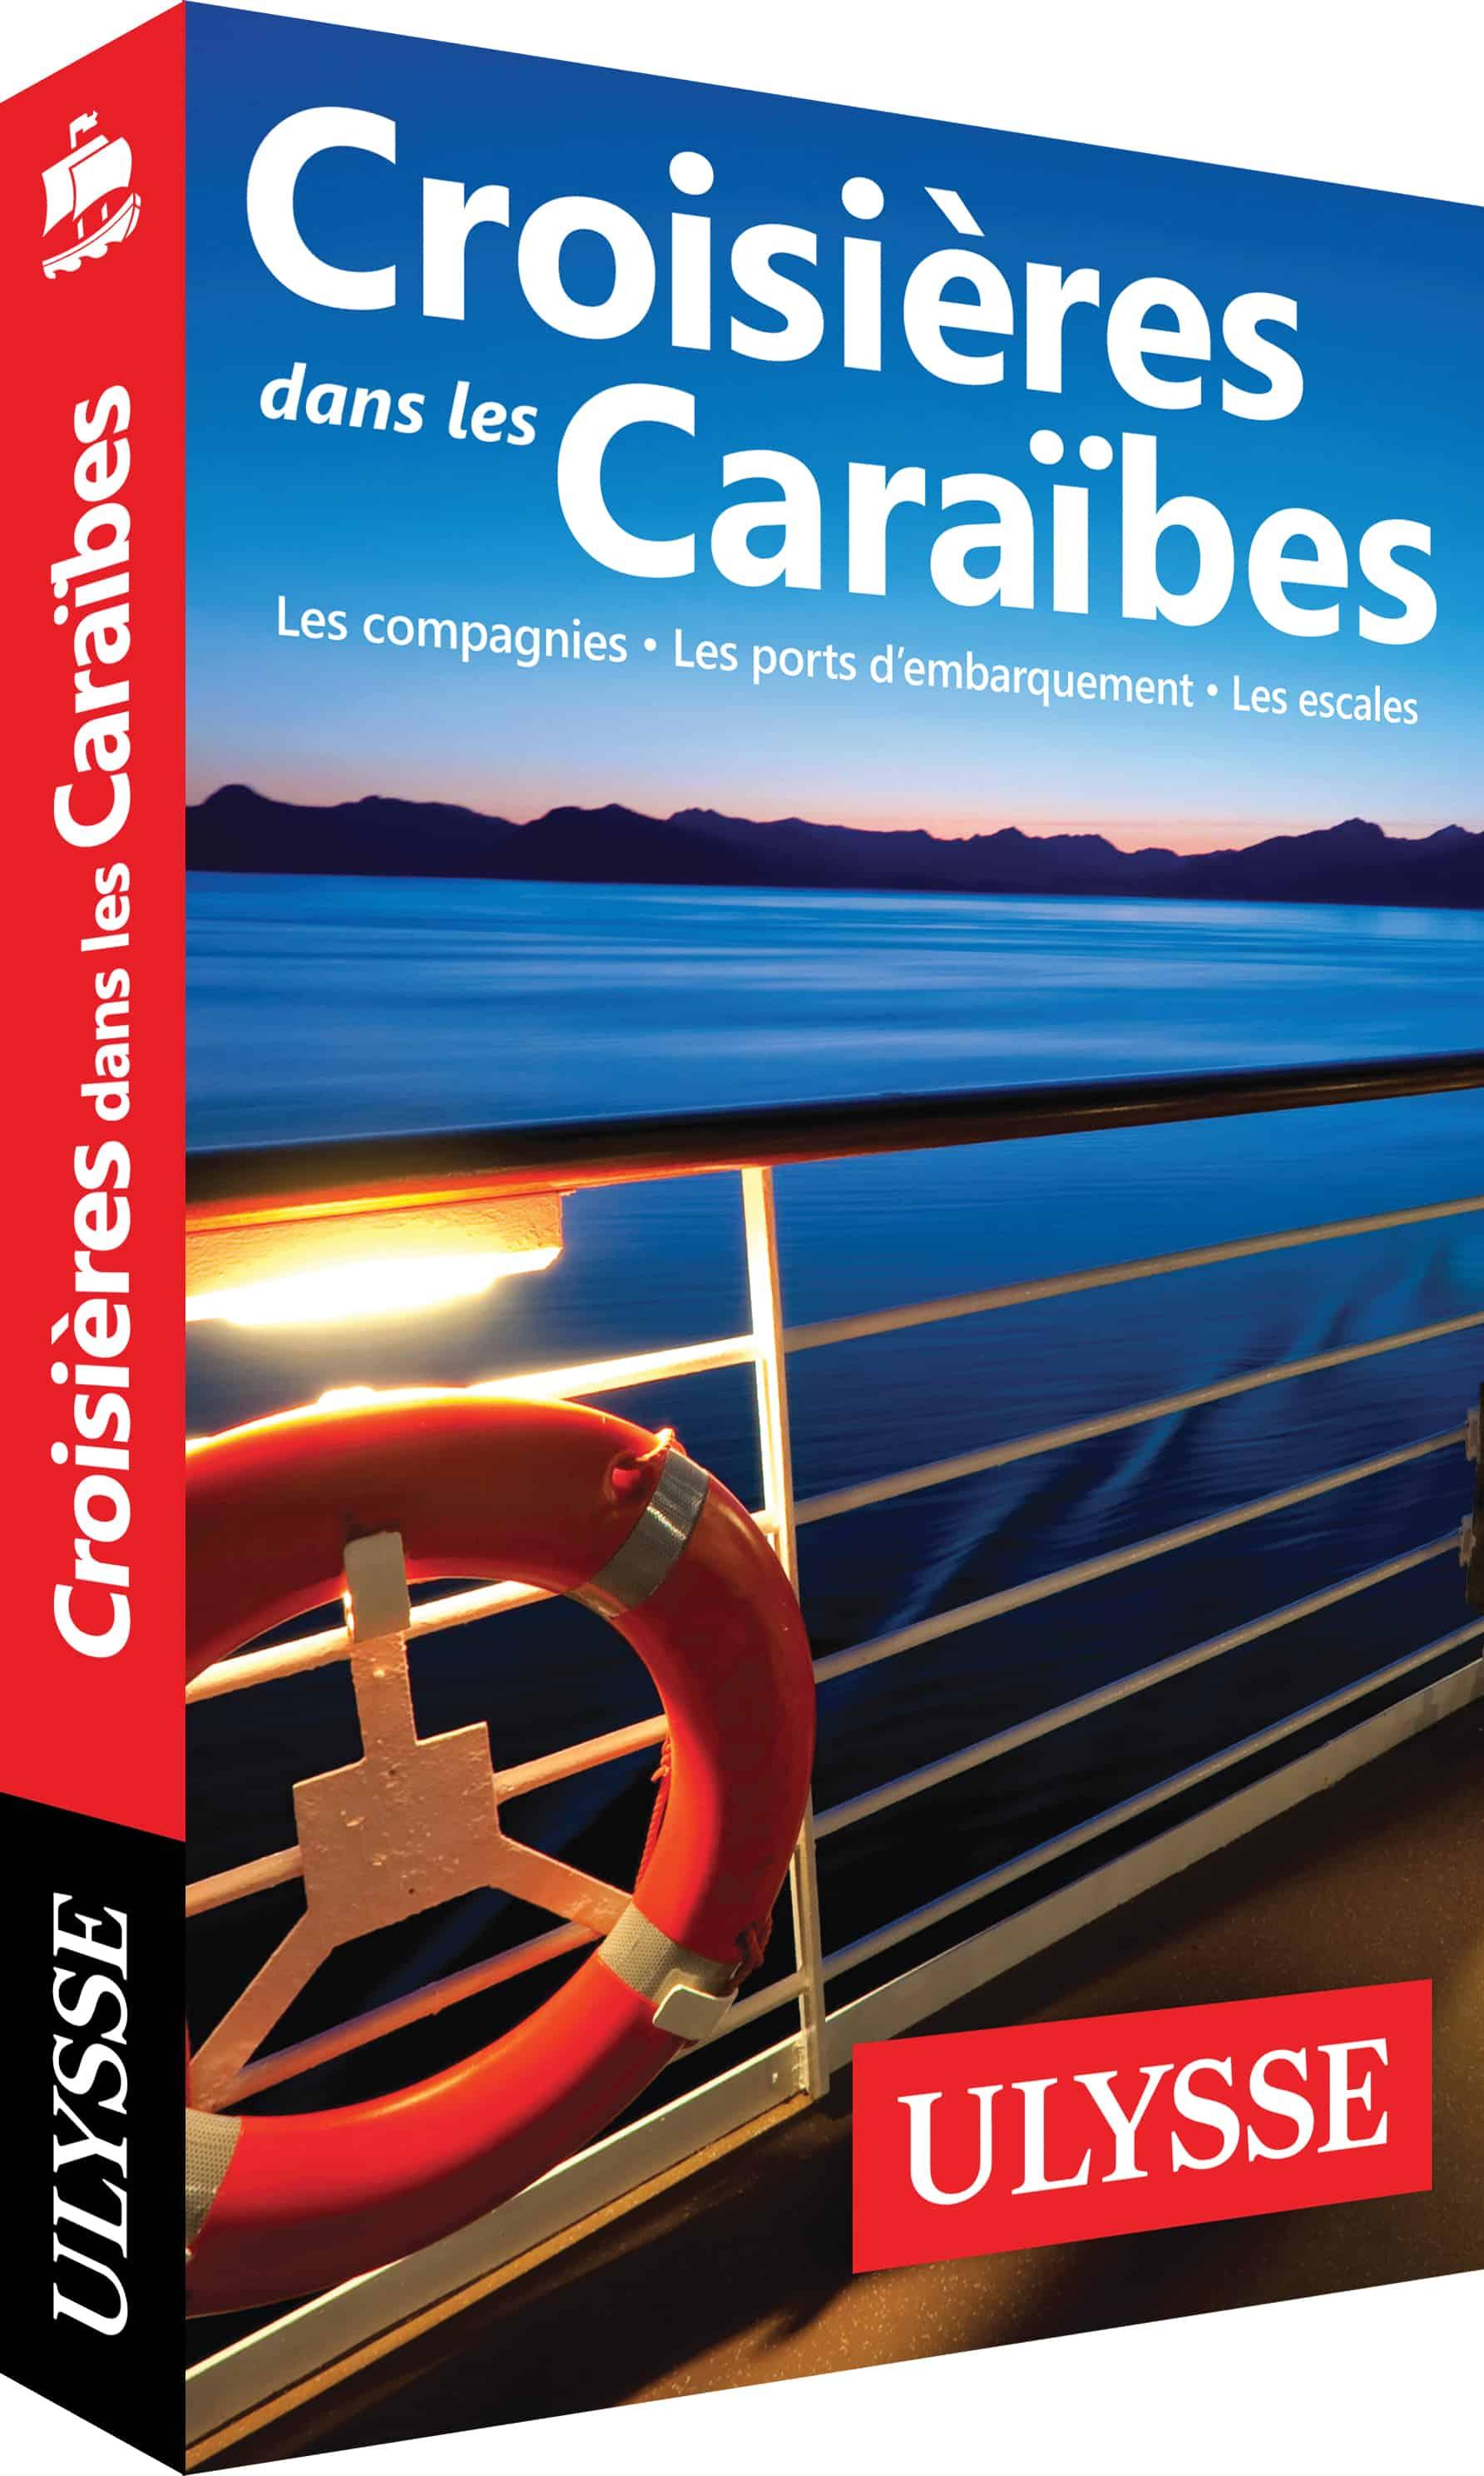 Croisieres dans les Caraibes